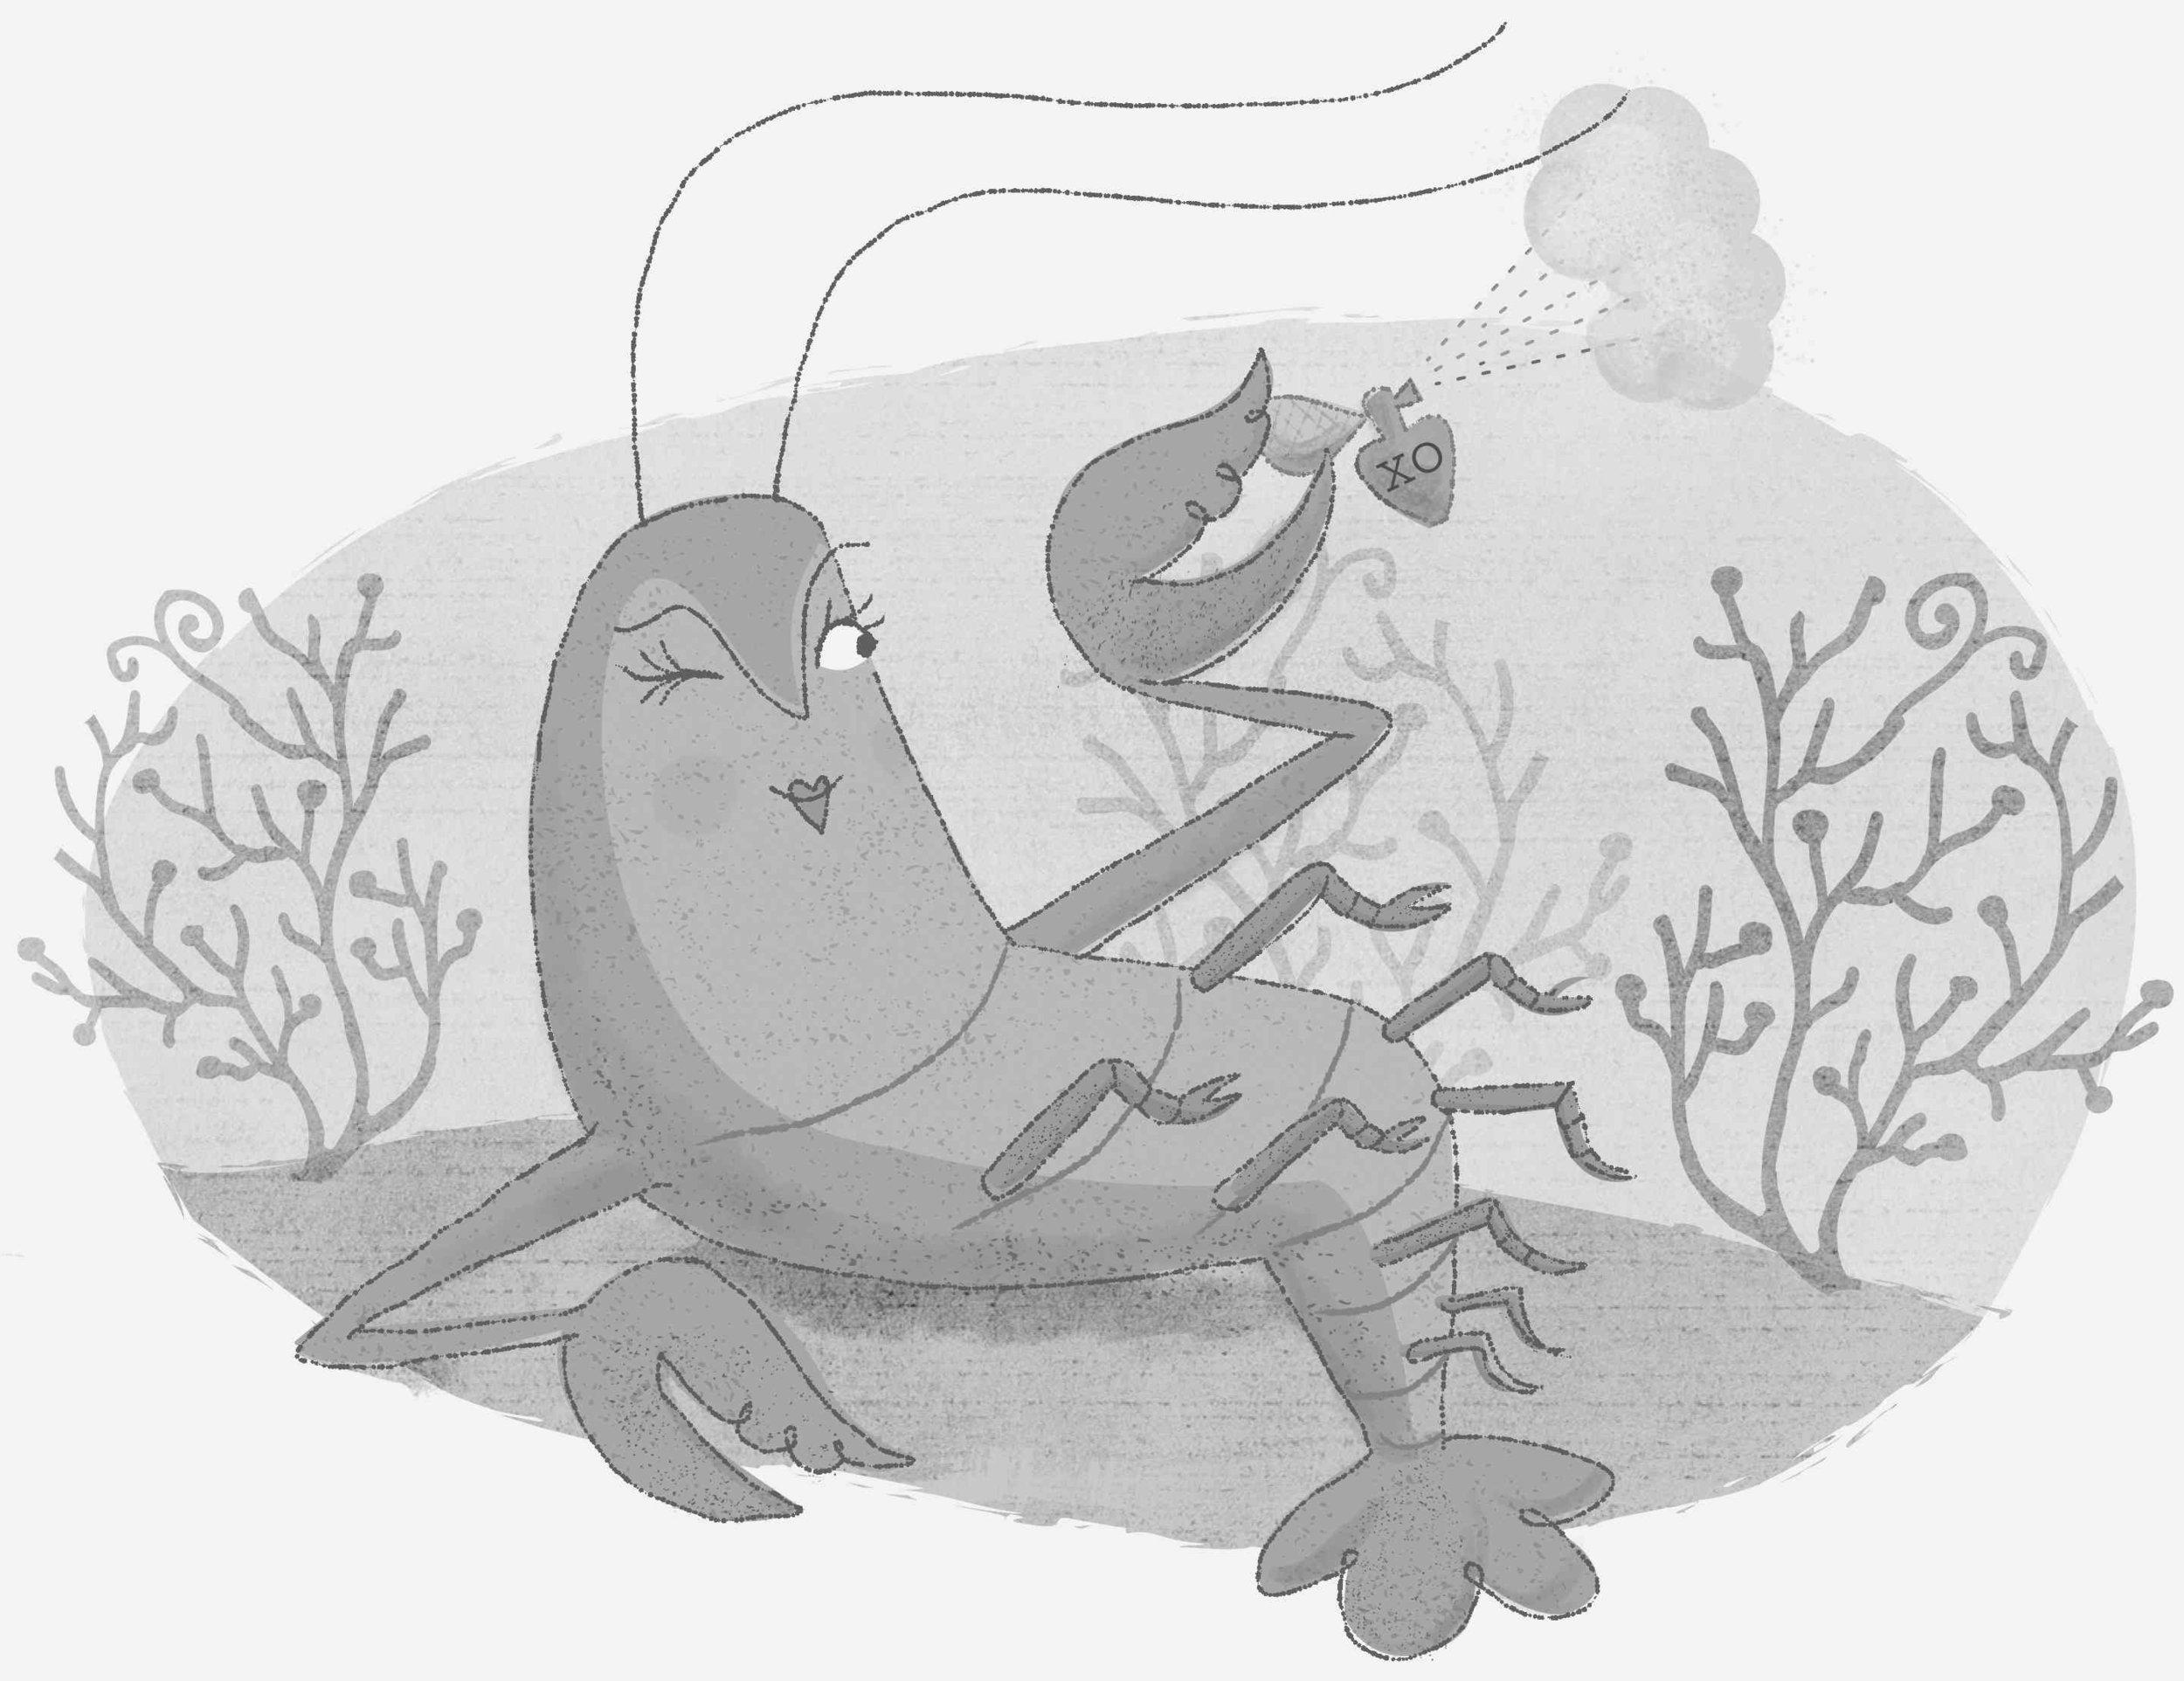 Illustration by Missy Chimovitz